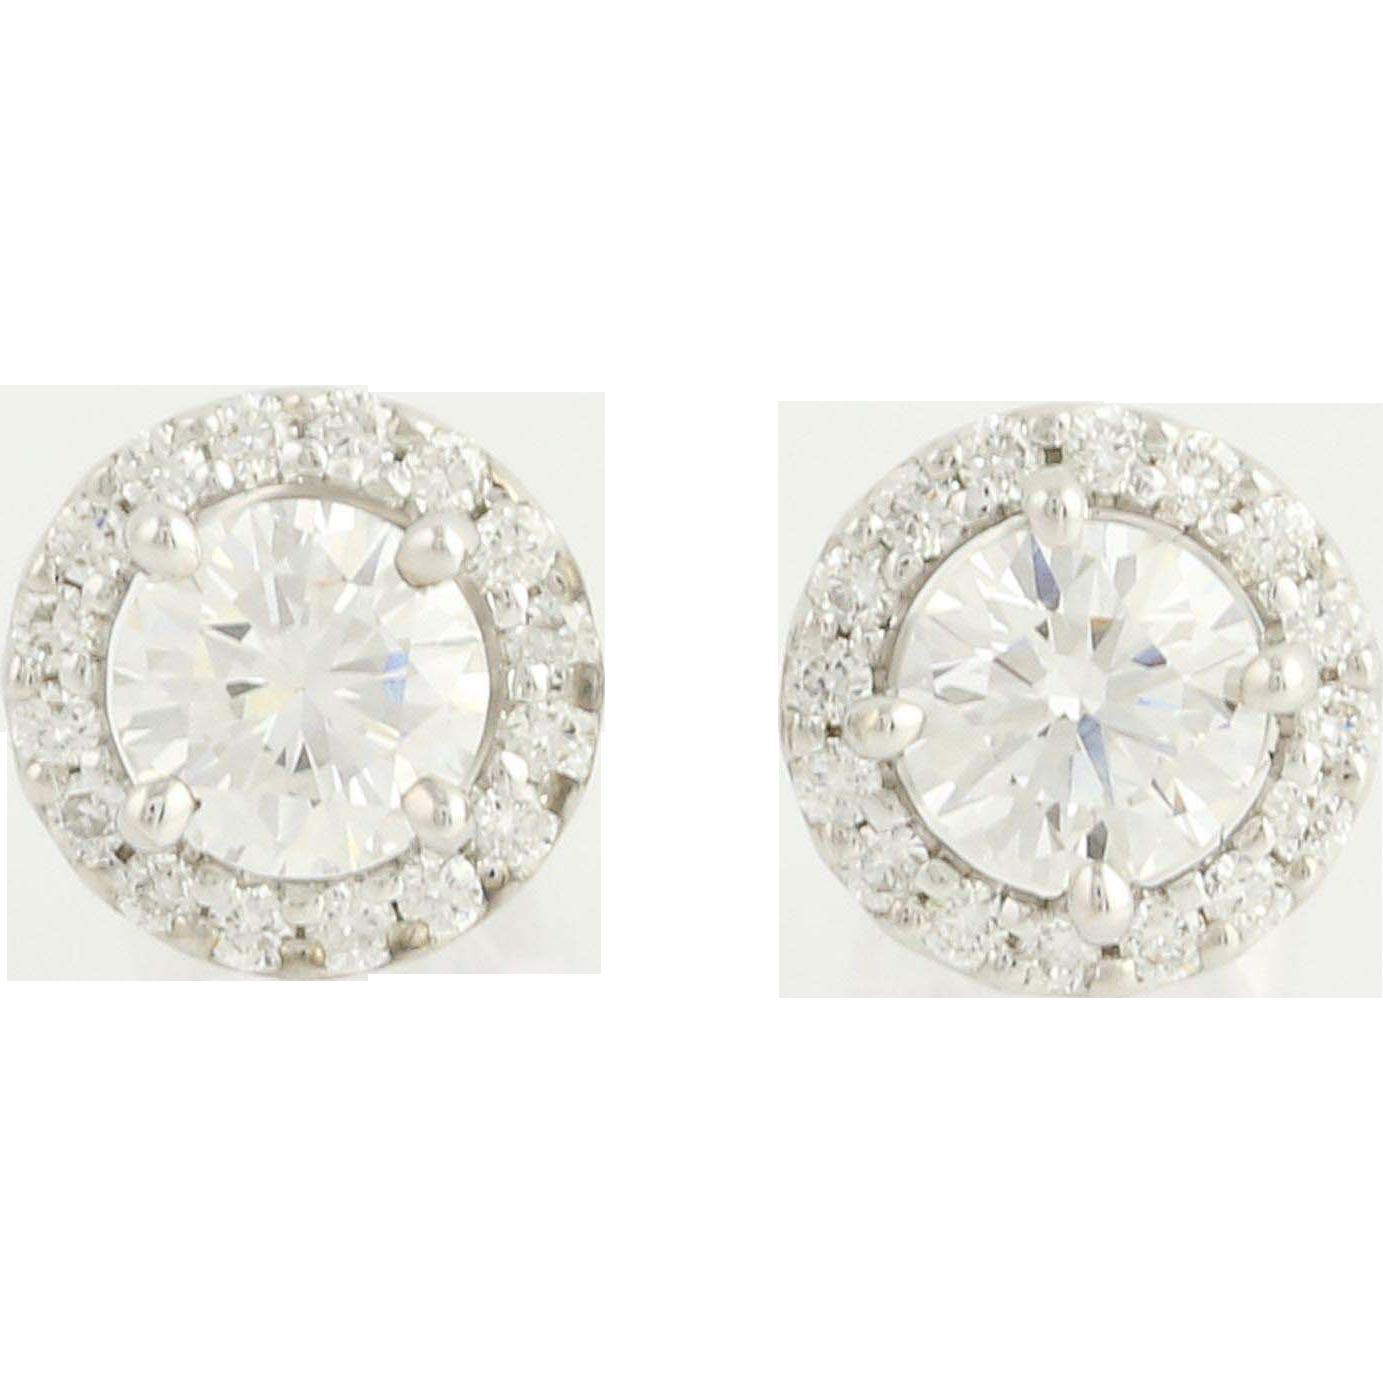 Diamond Stud Earrings - 18k White Gold Halo Pierced 1.35ctw